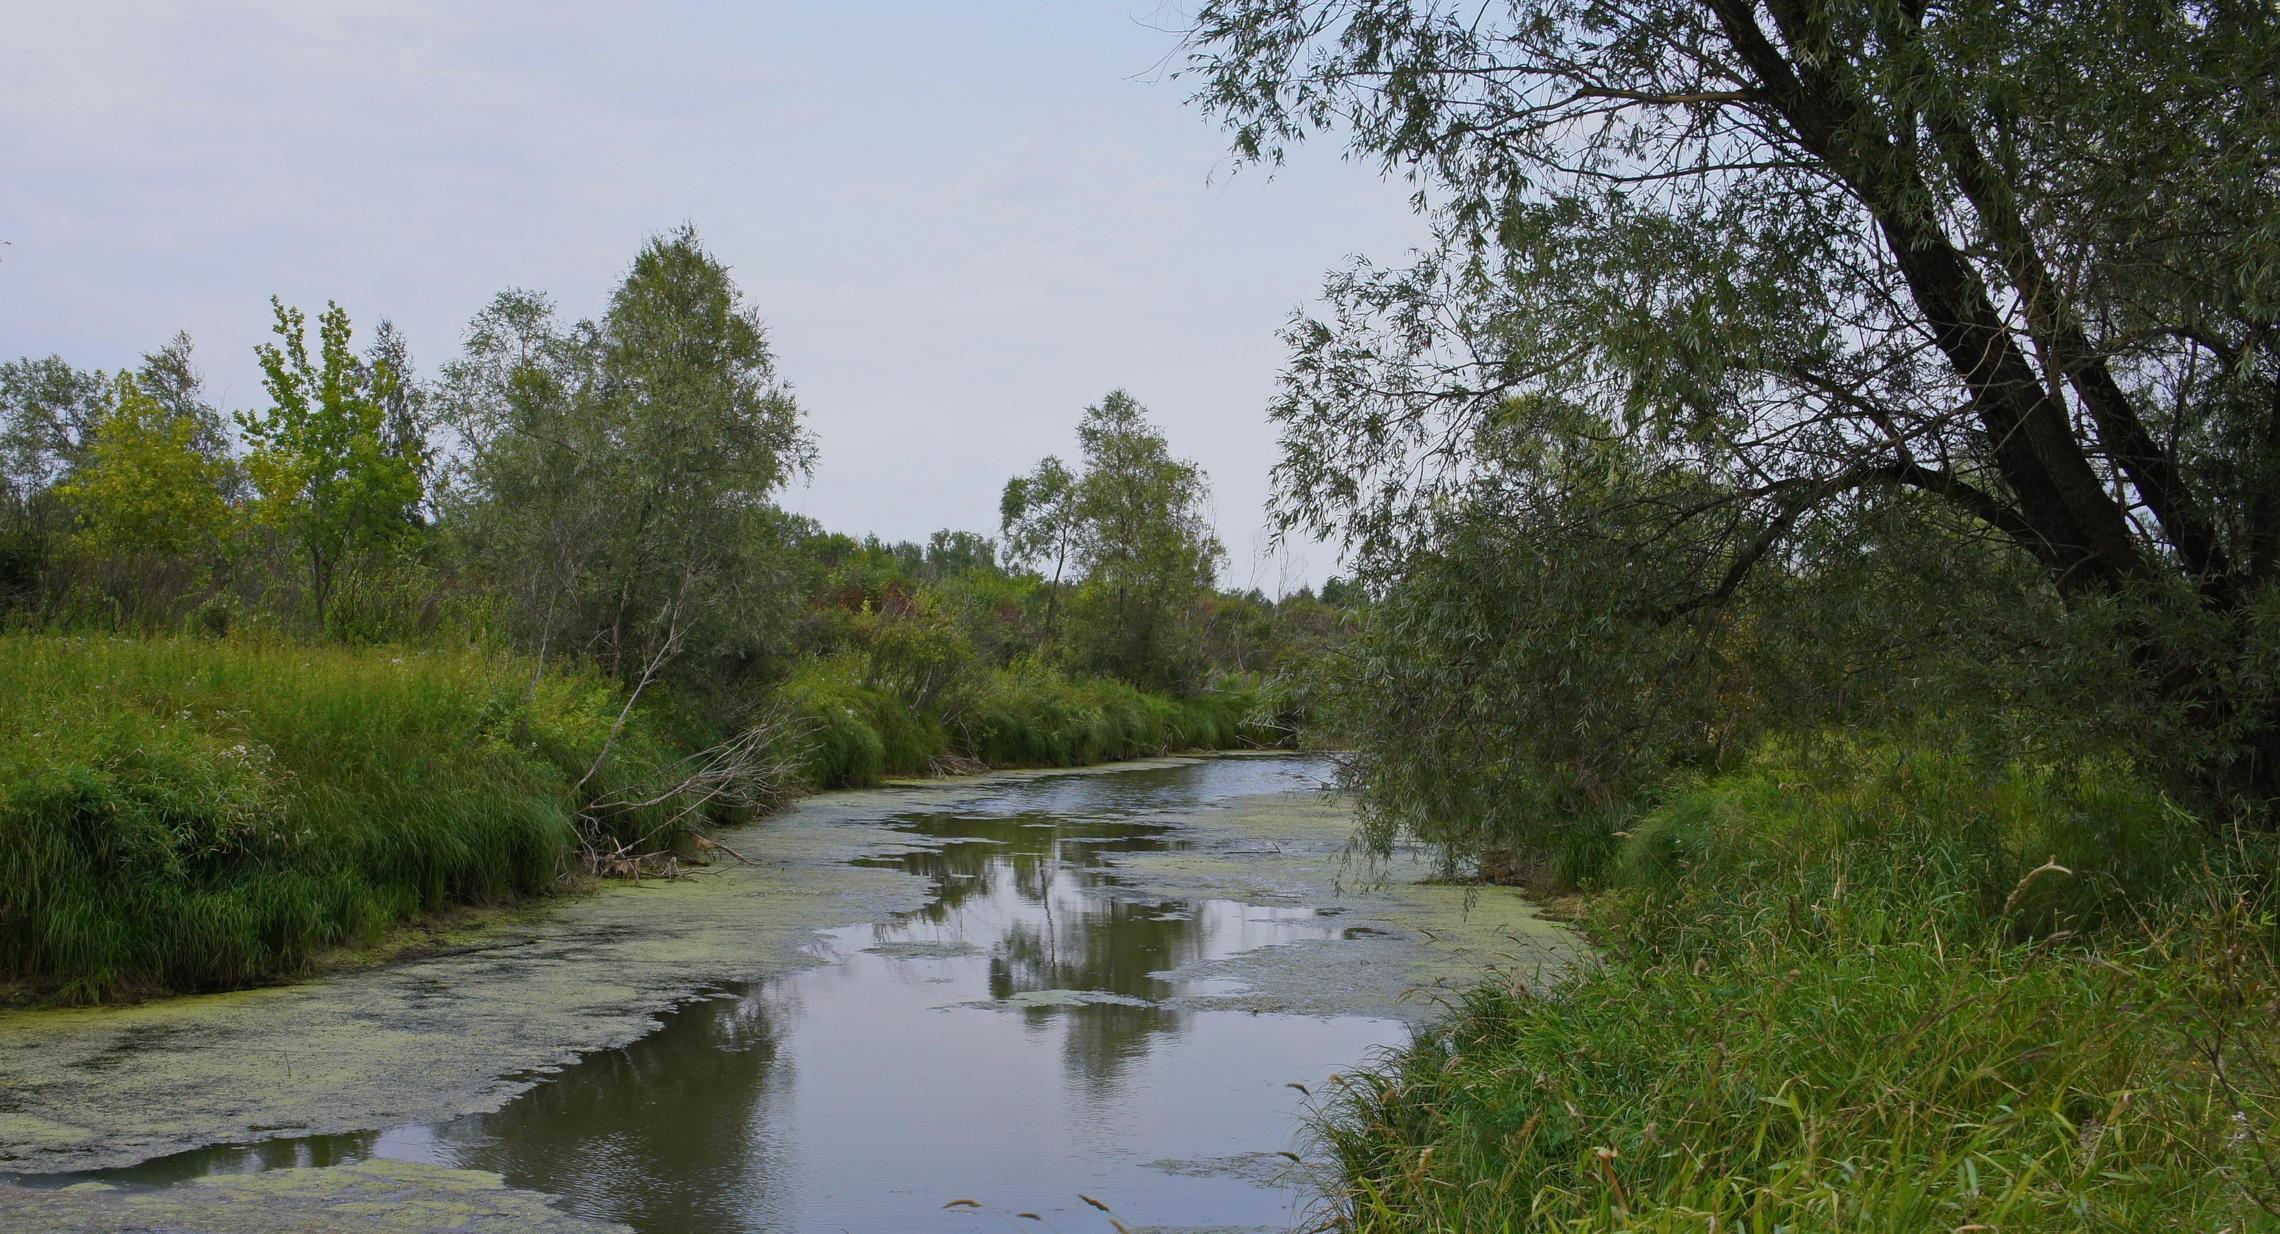 речка Кривая протока